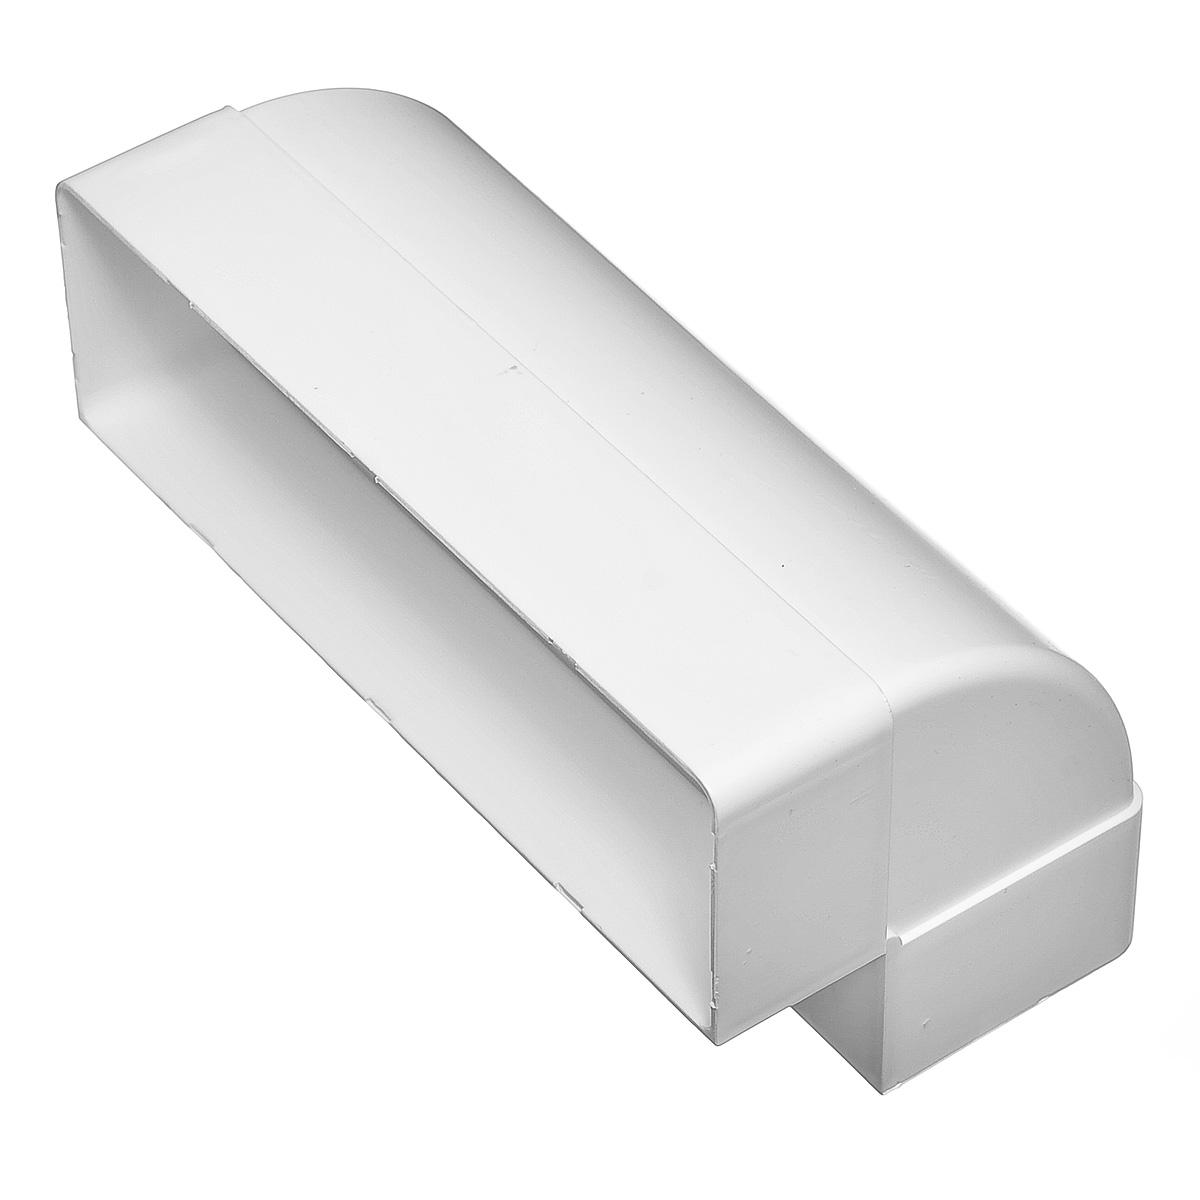 Купить Отвод вертикальный для вентиляционных коробов пластиковый 60х204 мм, угол 90° — Фото №1